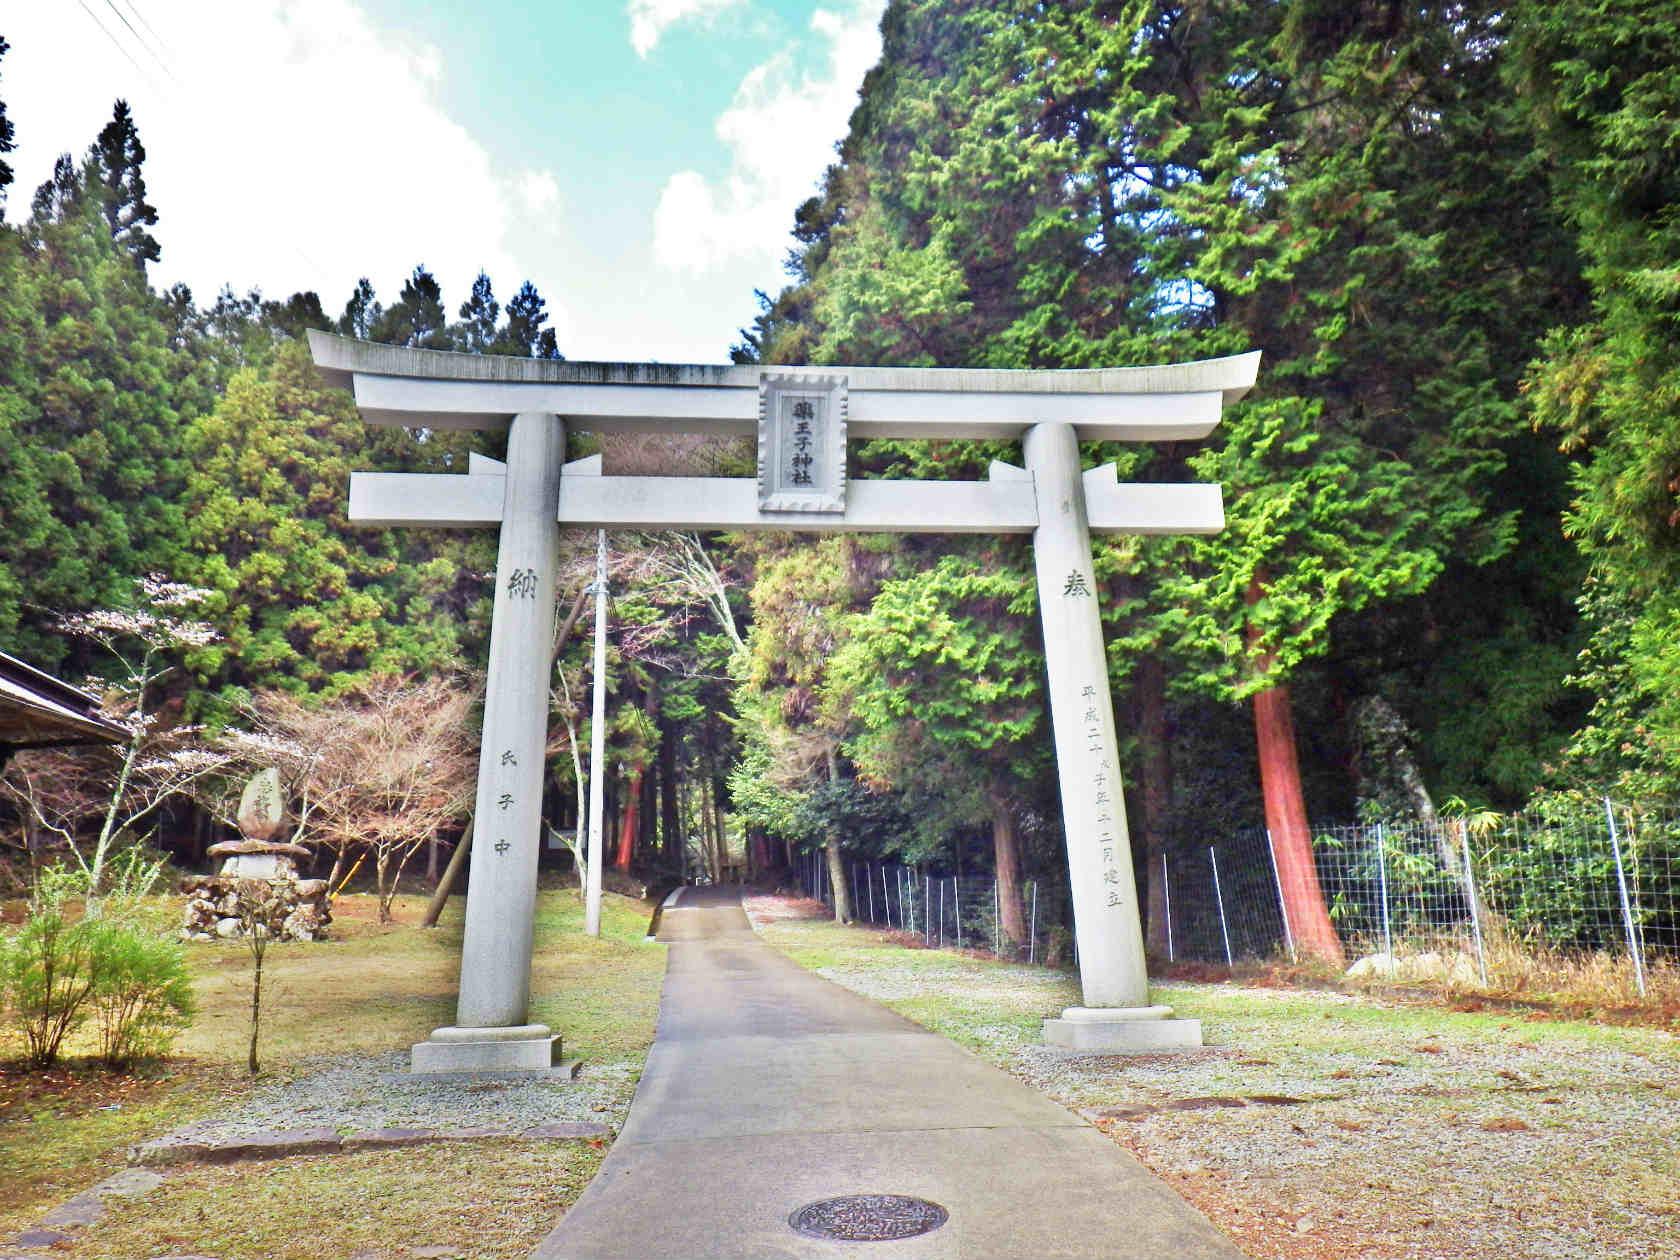 16a 薬王子神社の鳥居